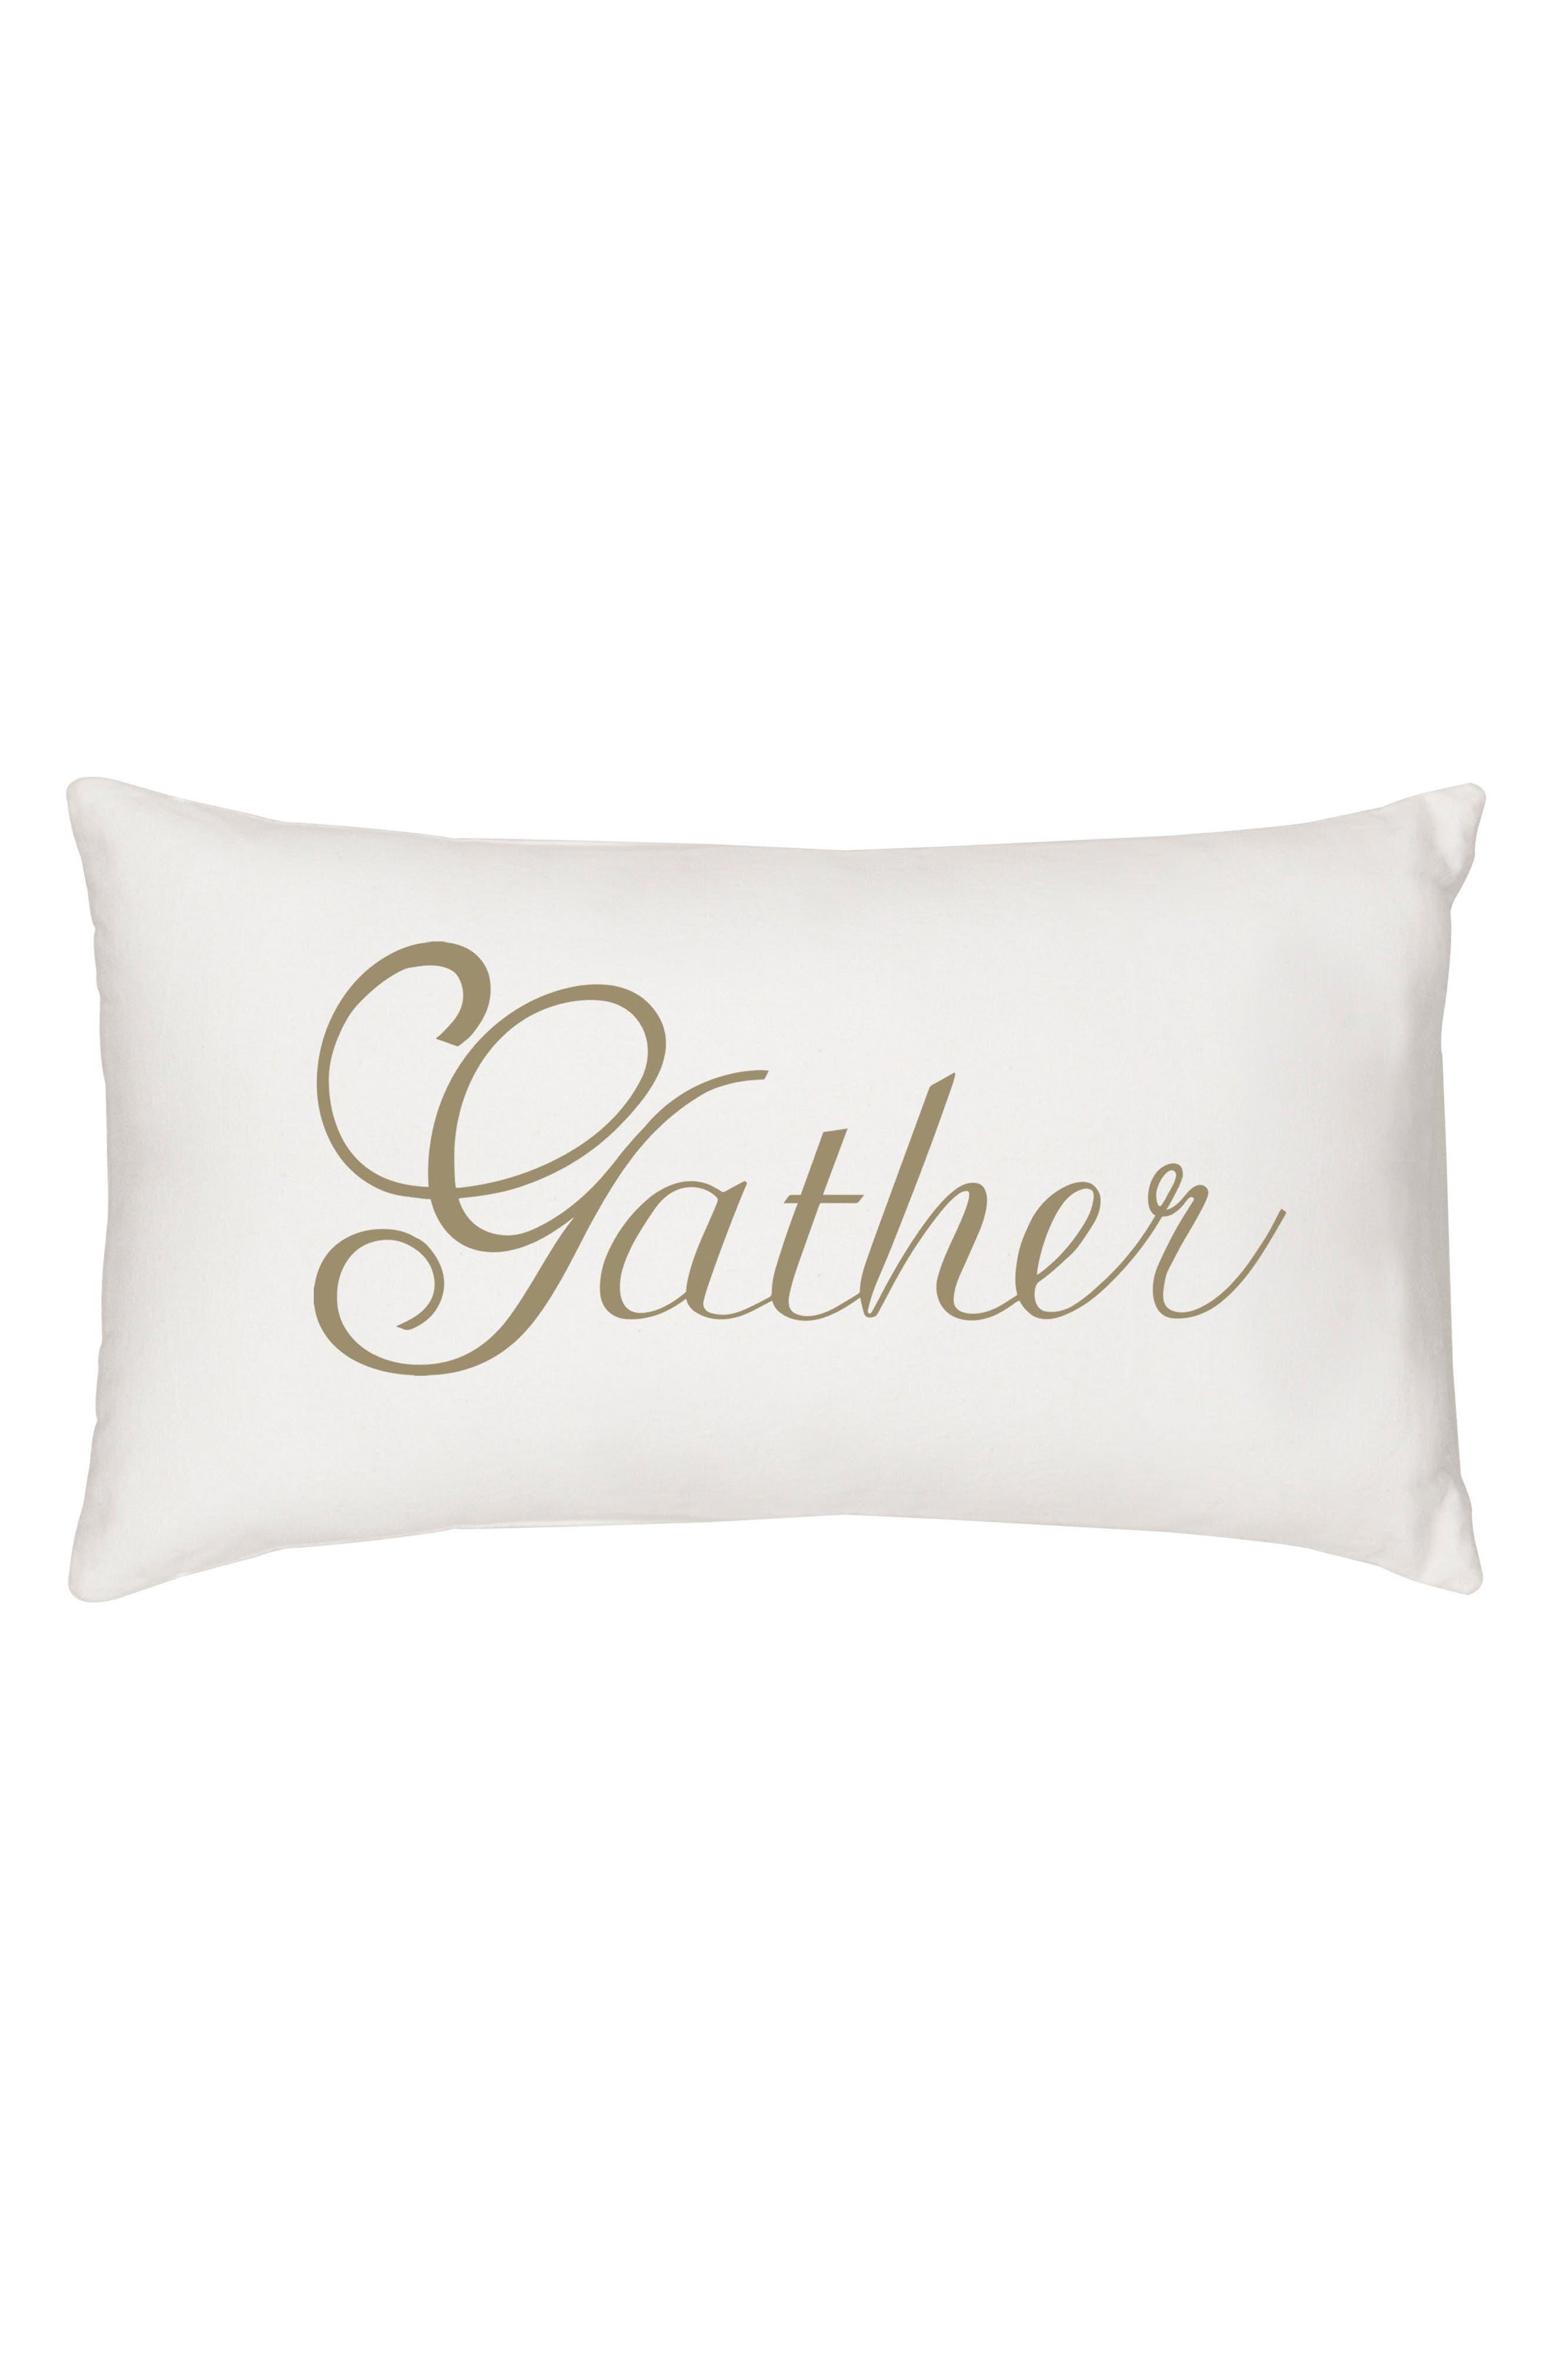 Gather Lumbar Accent Pillow,                         Main,                         color, 710